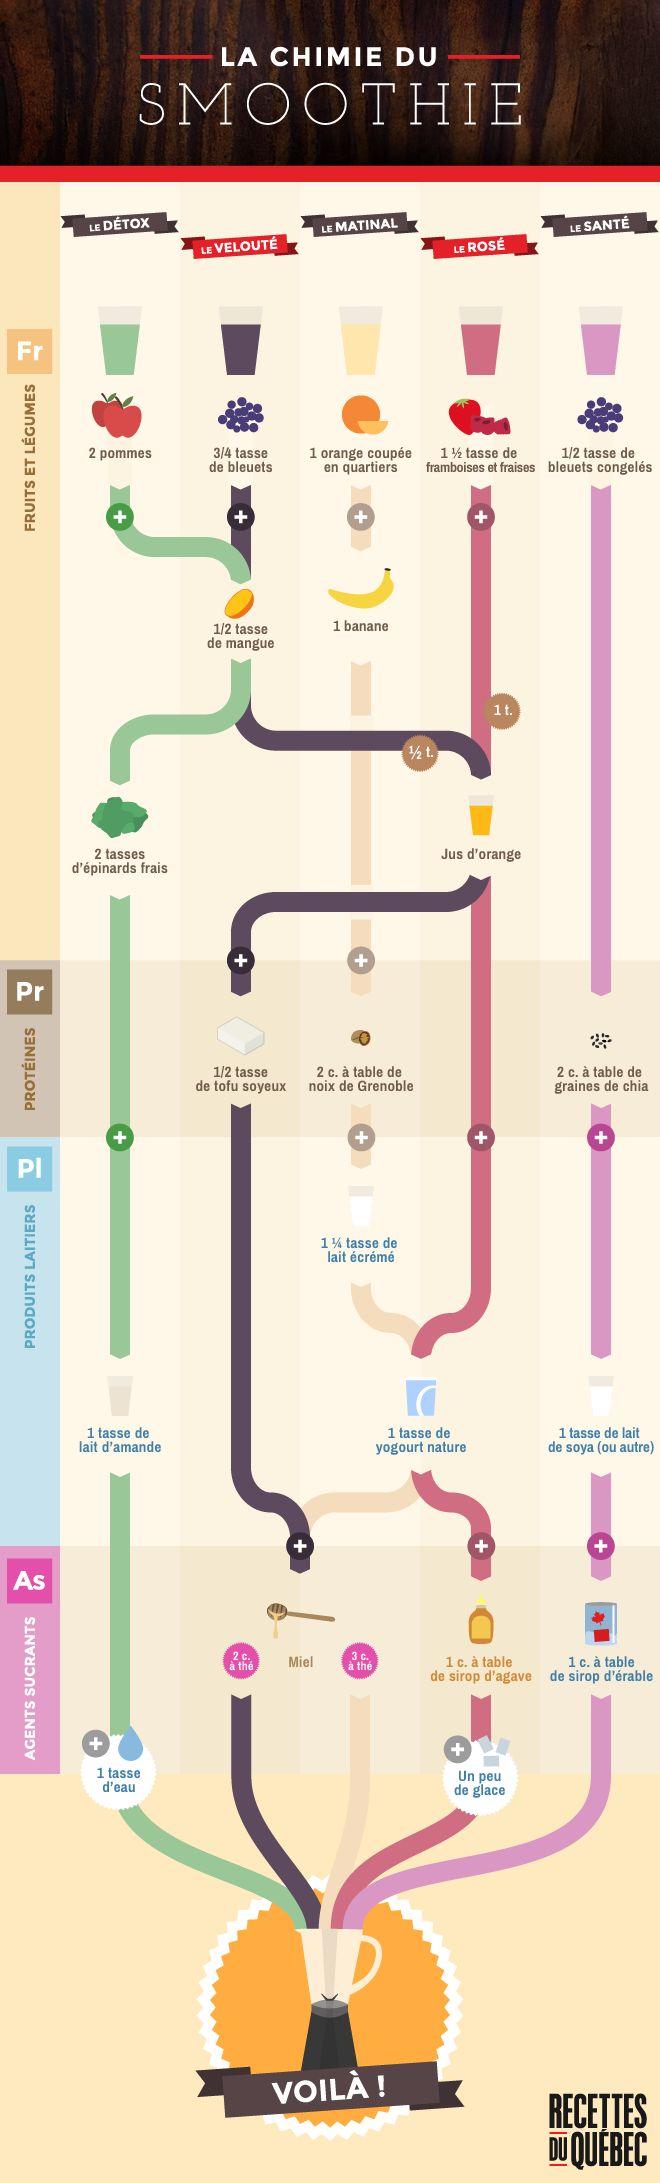 La chimie du smoothie. Client: Recettes du Québec